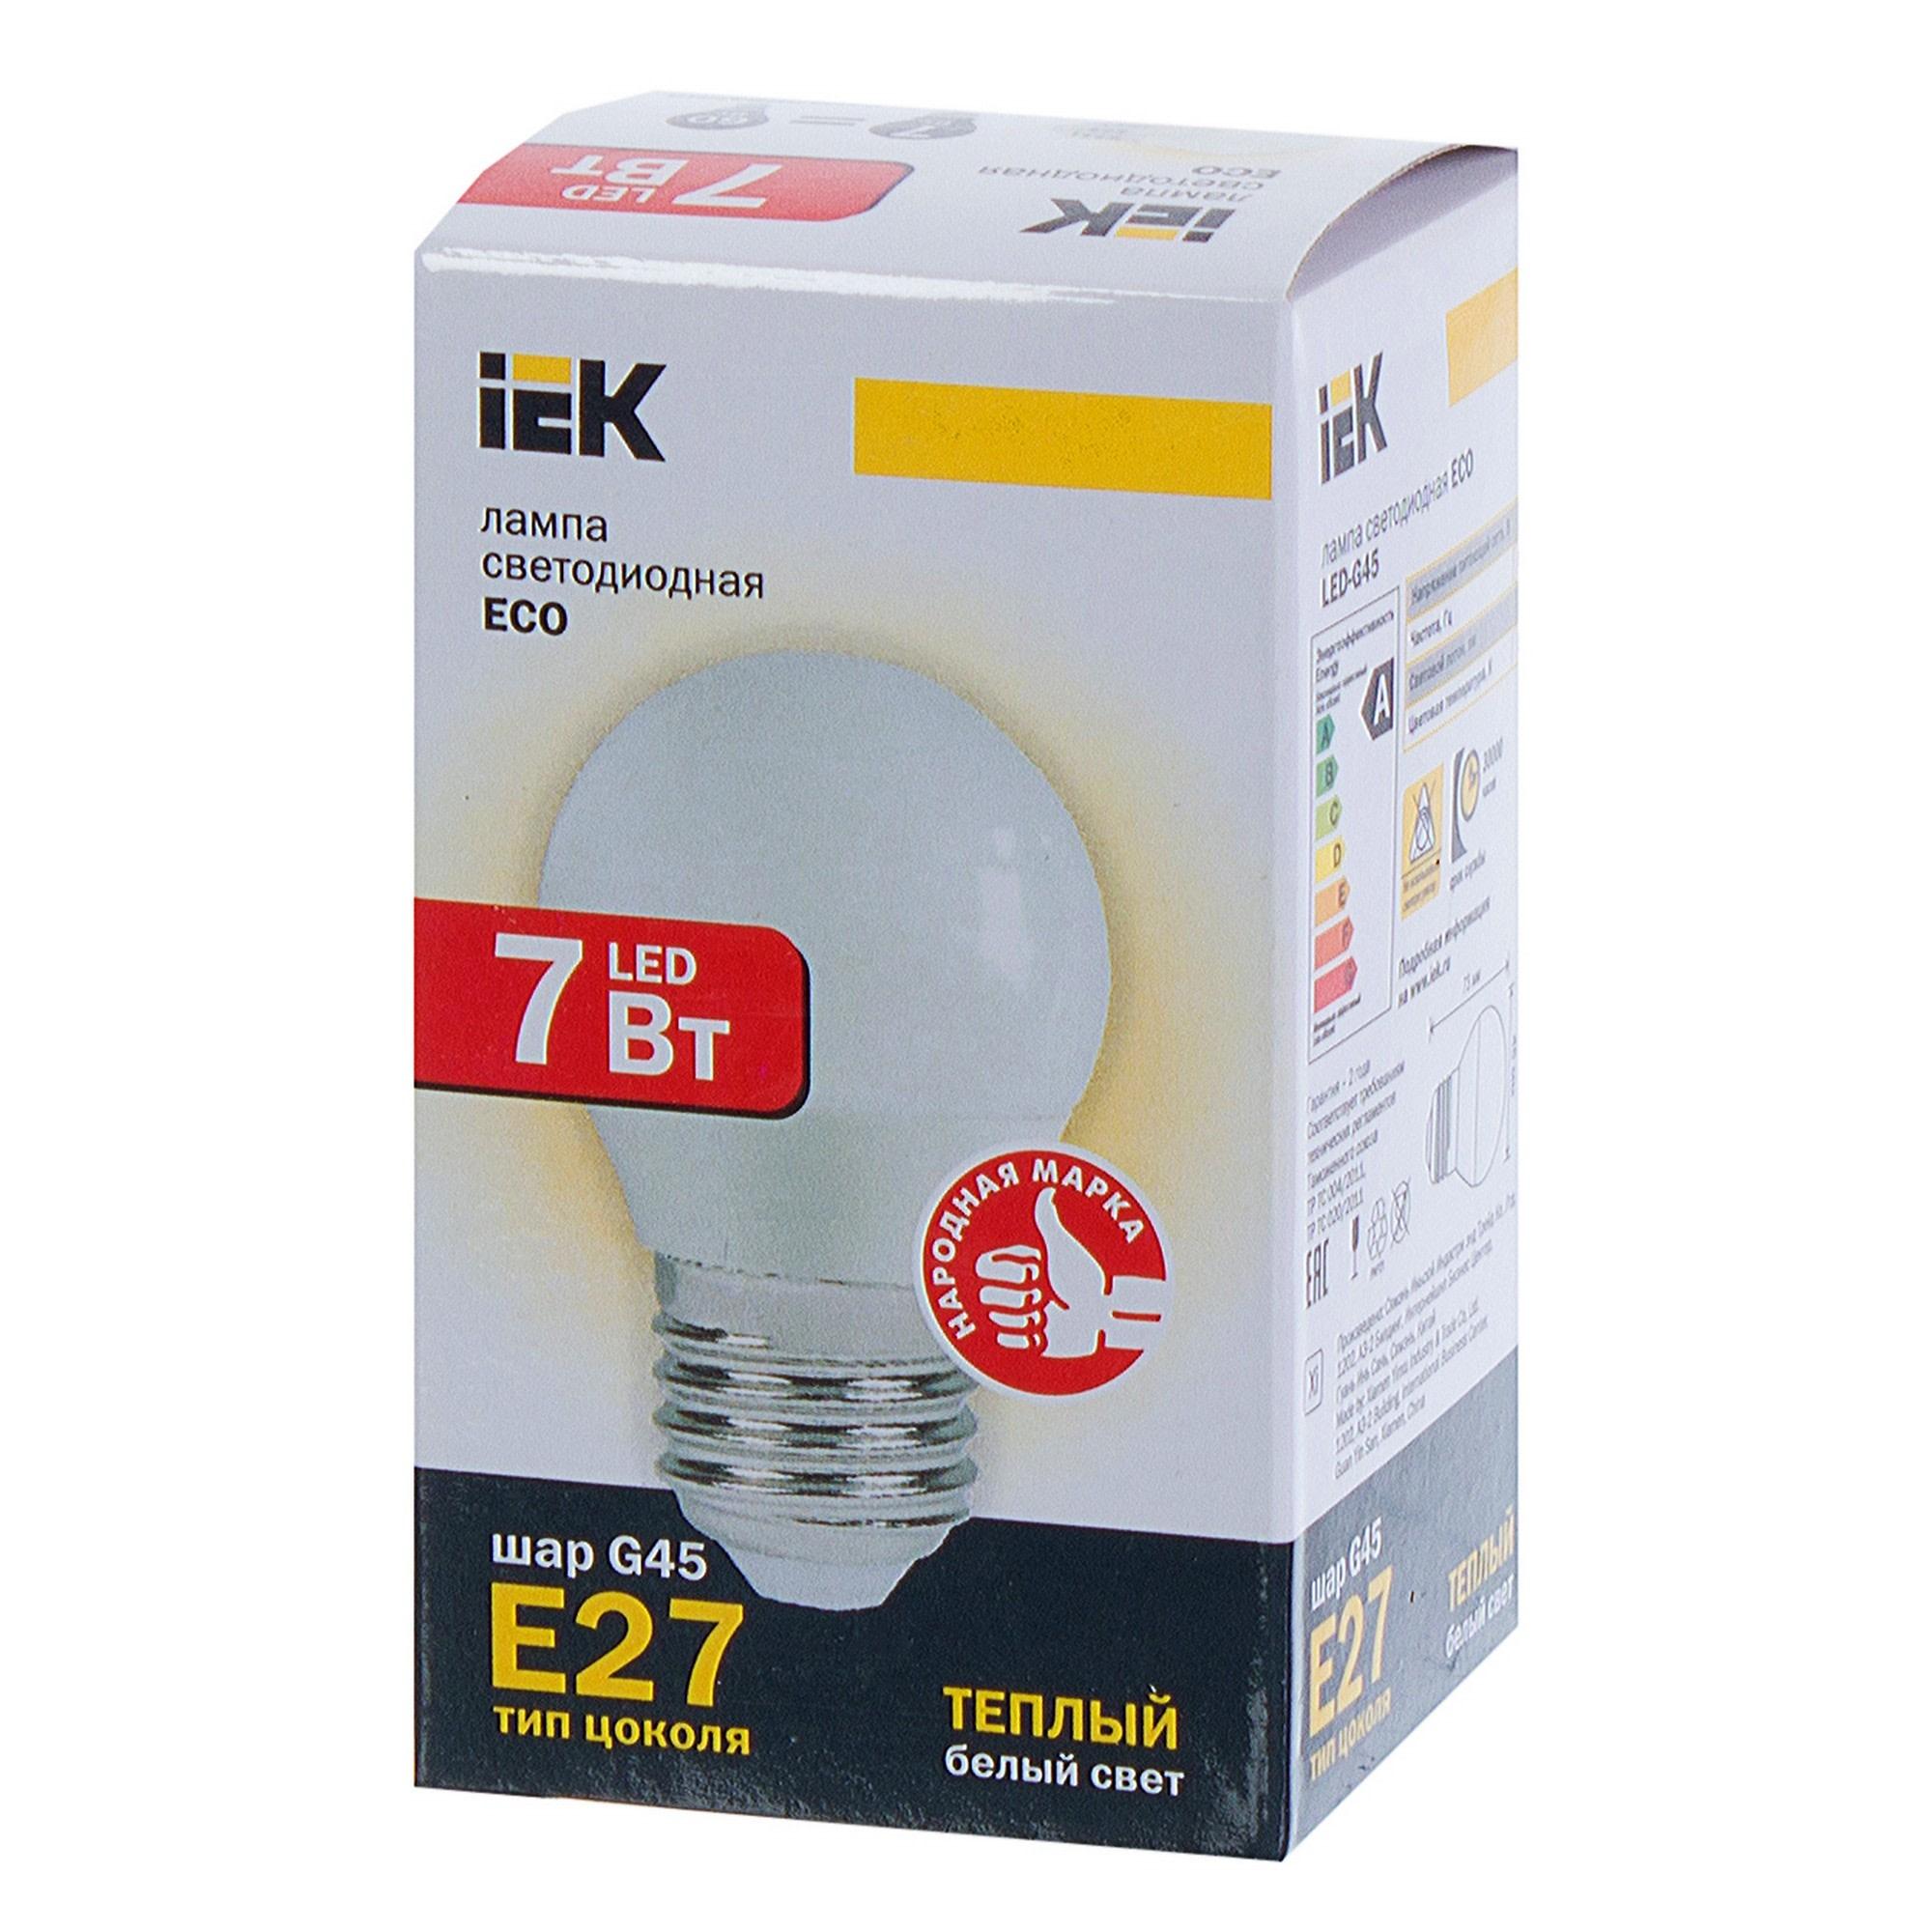 Лампа светодиодная IEK «Шар» G45 E27 7 Вт 230 В 3000 К свет тёплый белый